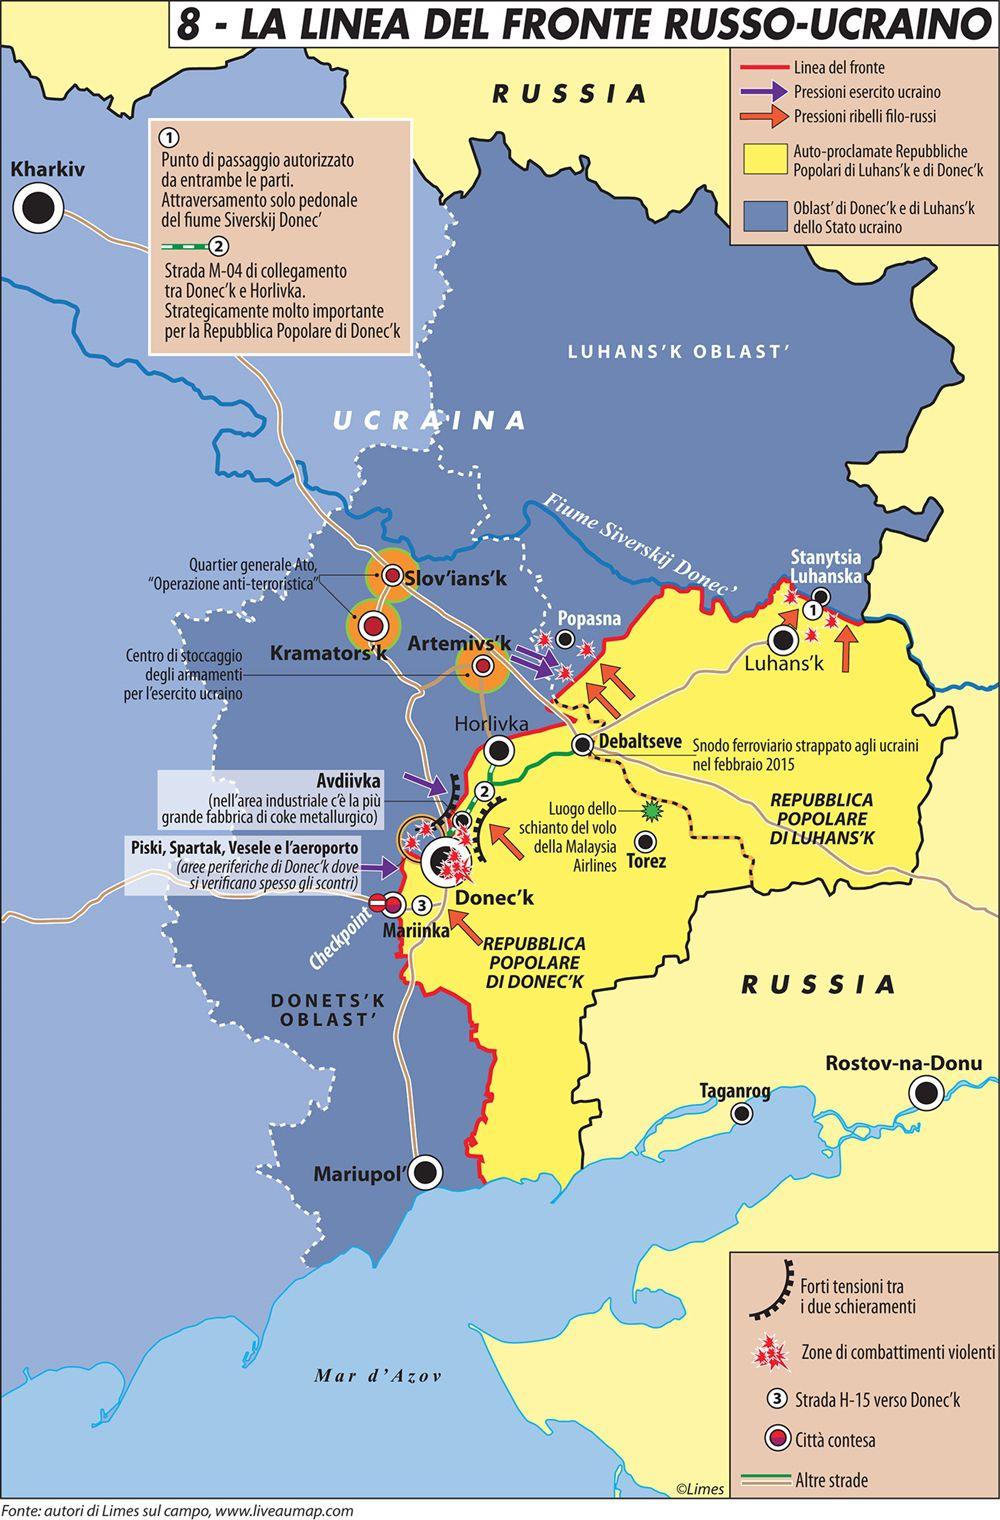 8-La_linea_del_fronte_russo-ucraino_edito_217